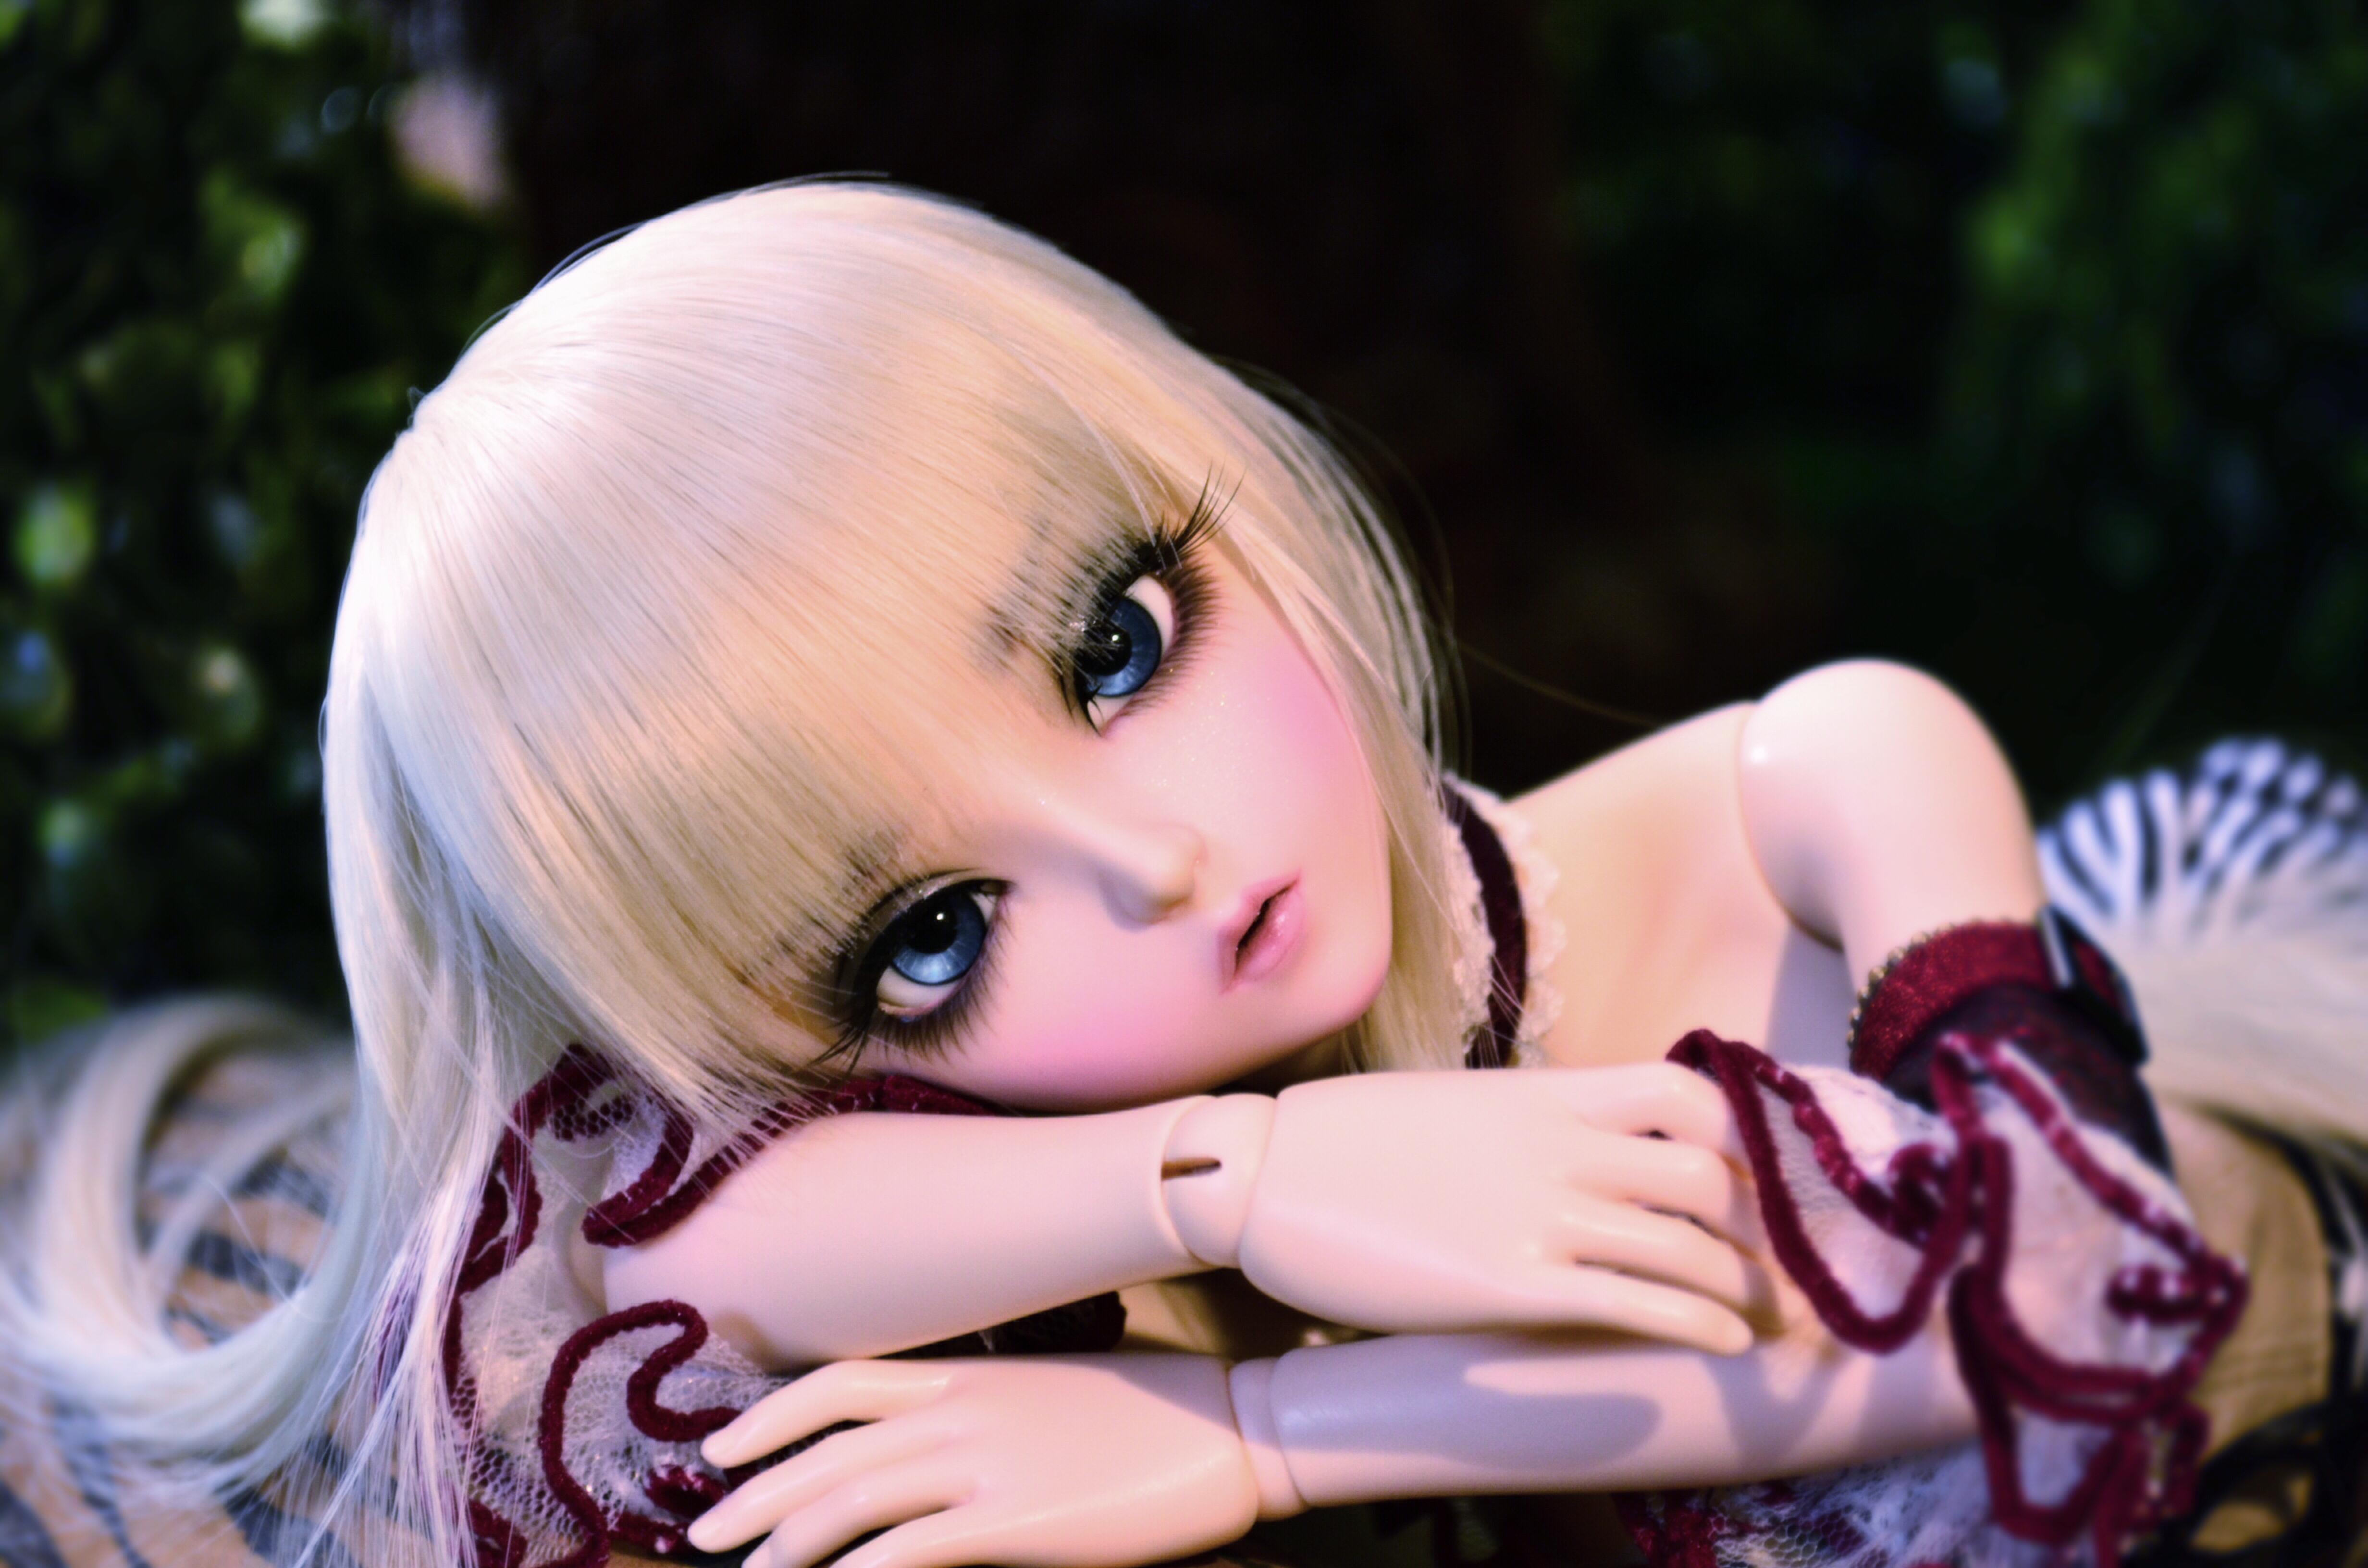 Wallpaper : Model, Anime, Legs, Makeup, Dress, Fashion